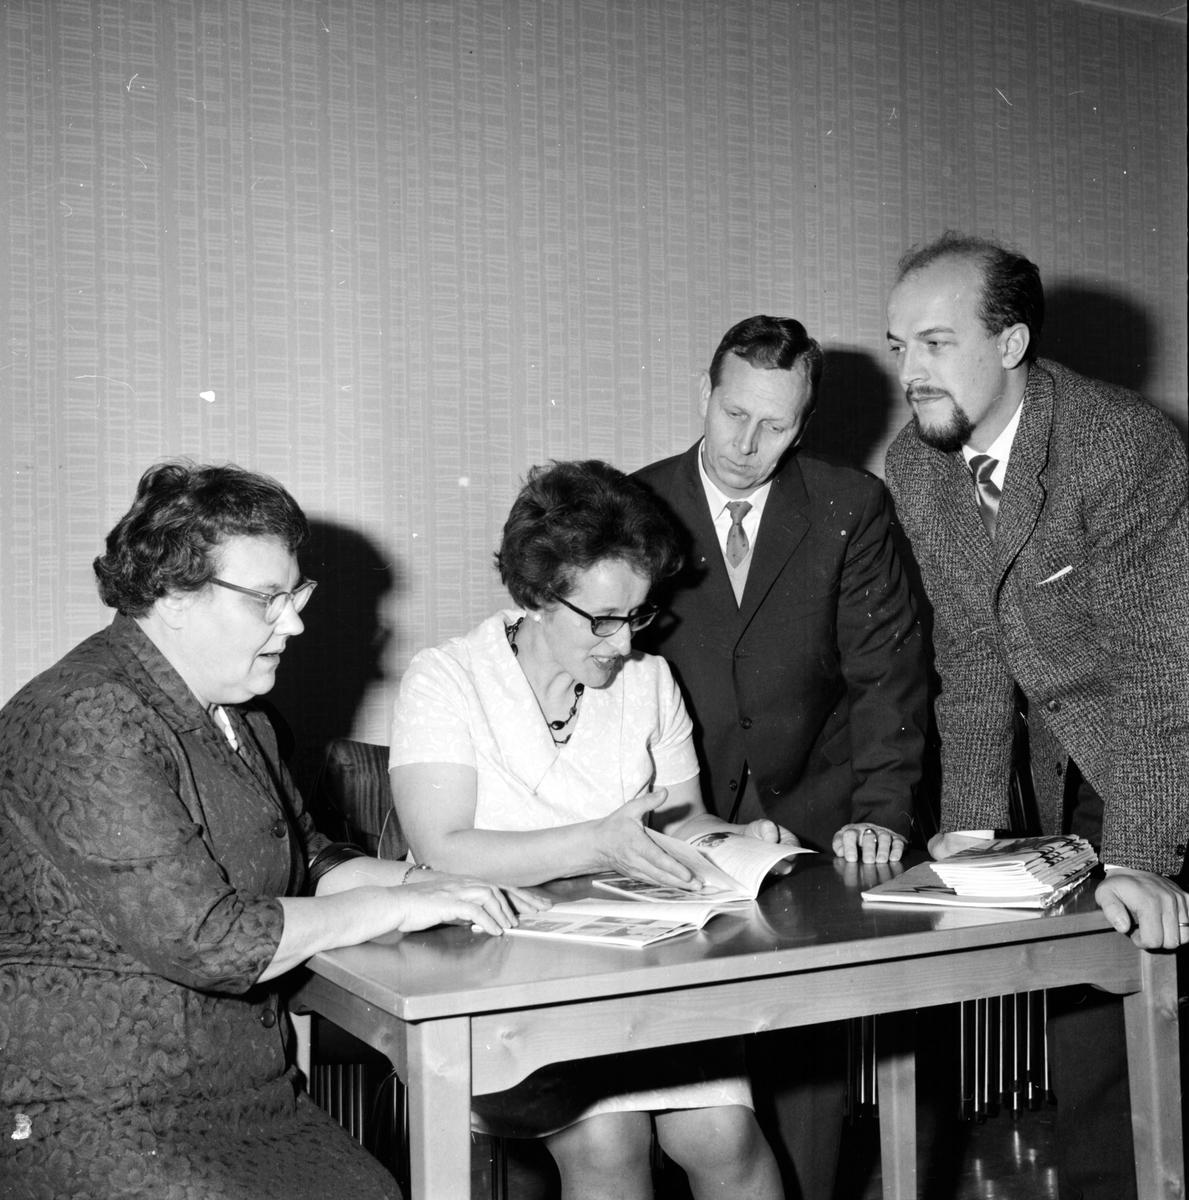 Musiknämndens sammanträde för bildande av orkester, Gunhild Rundgren, Gunborg Lödhaga, Lennart Axling, Magnus Bergvall, 19 Okt 1964